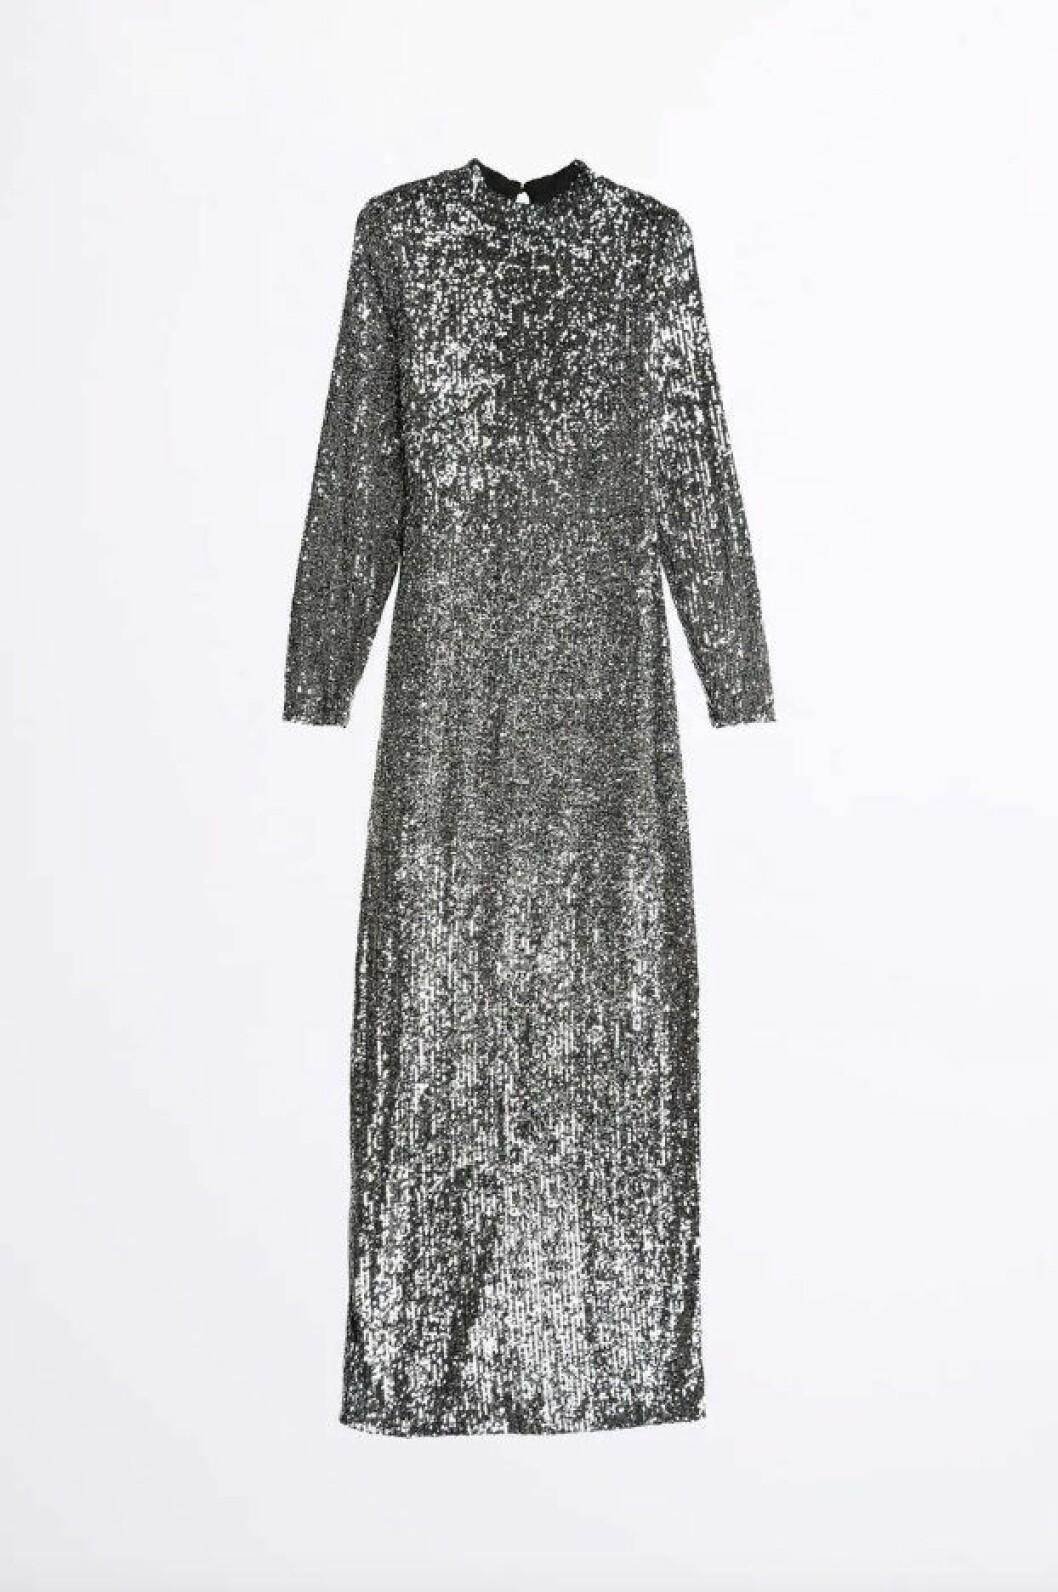 Paljettklänning från Gina Tricot